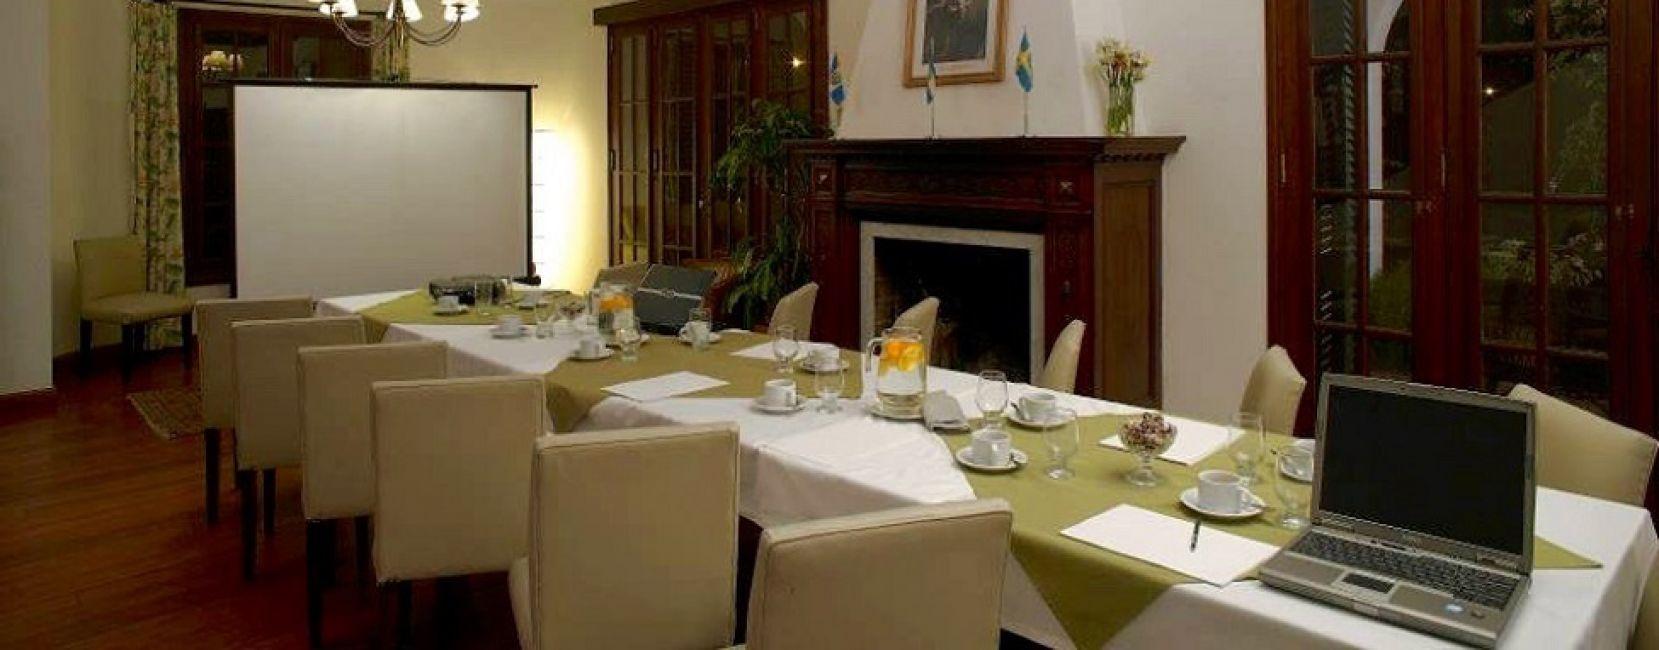 Hoteles Boutique De Argentina Hotel Villa Victoria # Victoria Muebles Jujuy